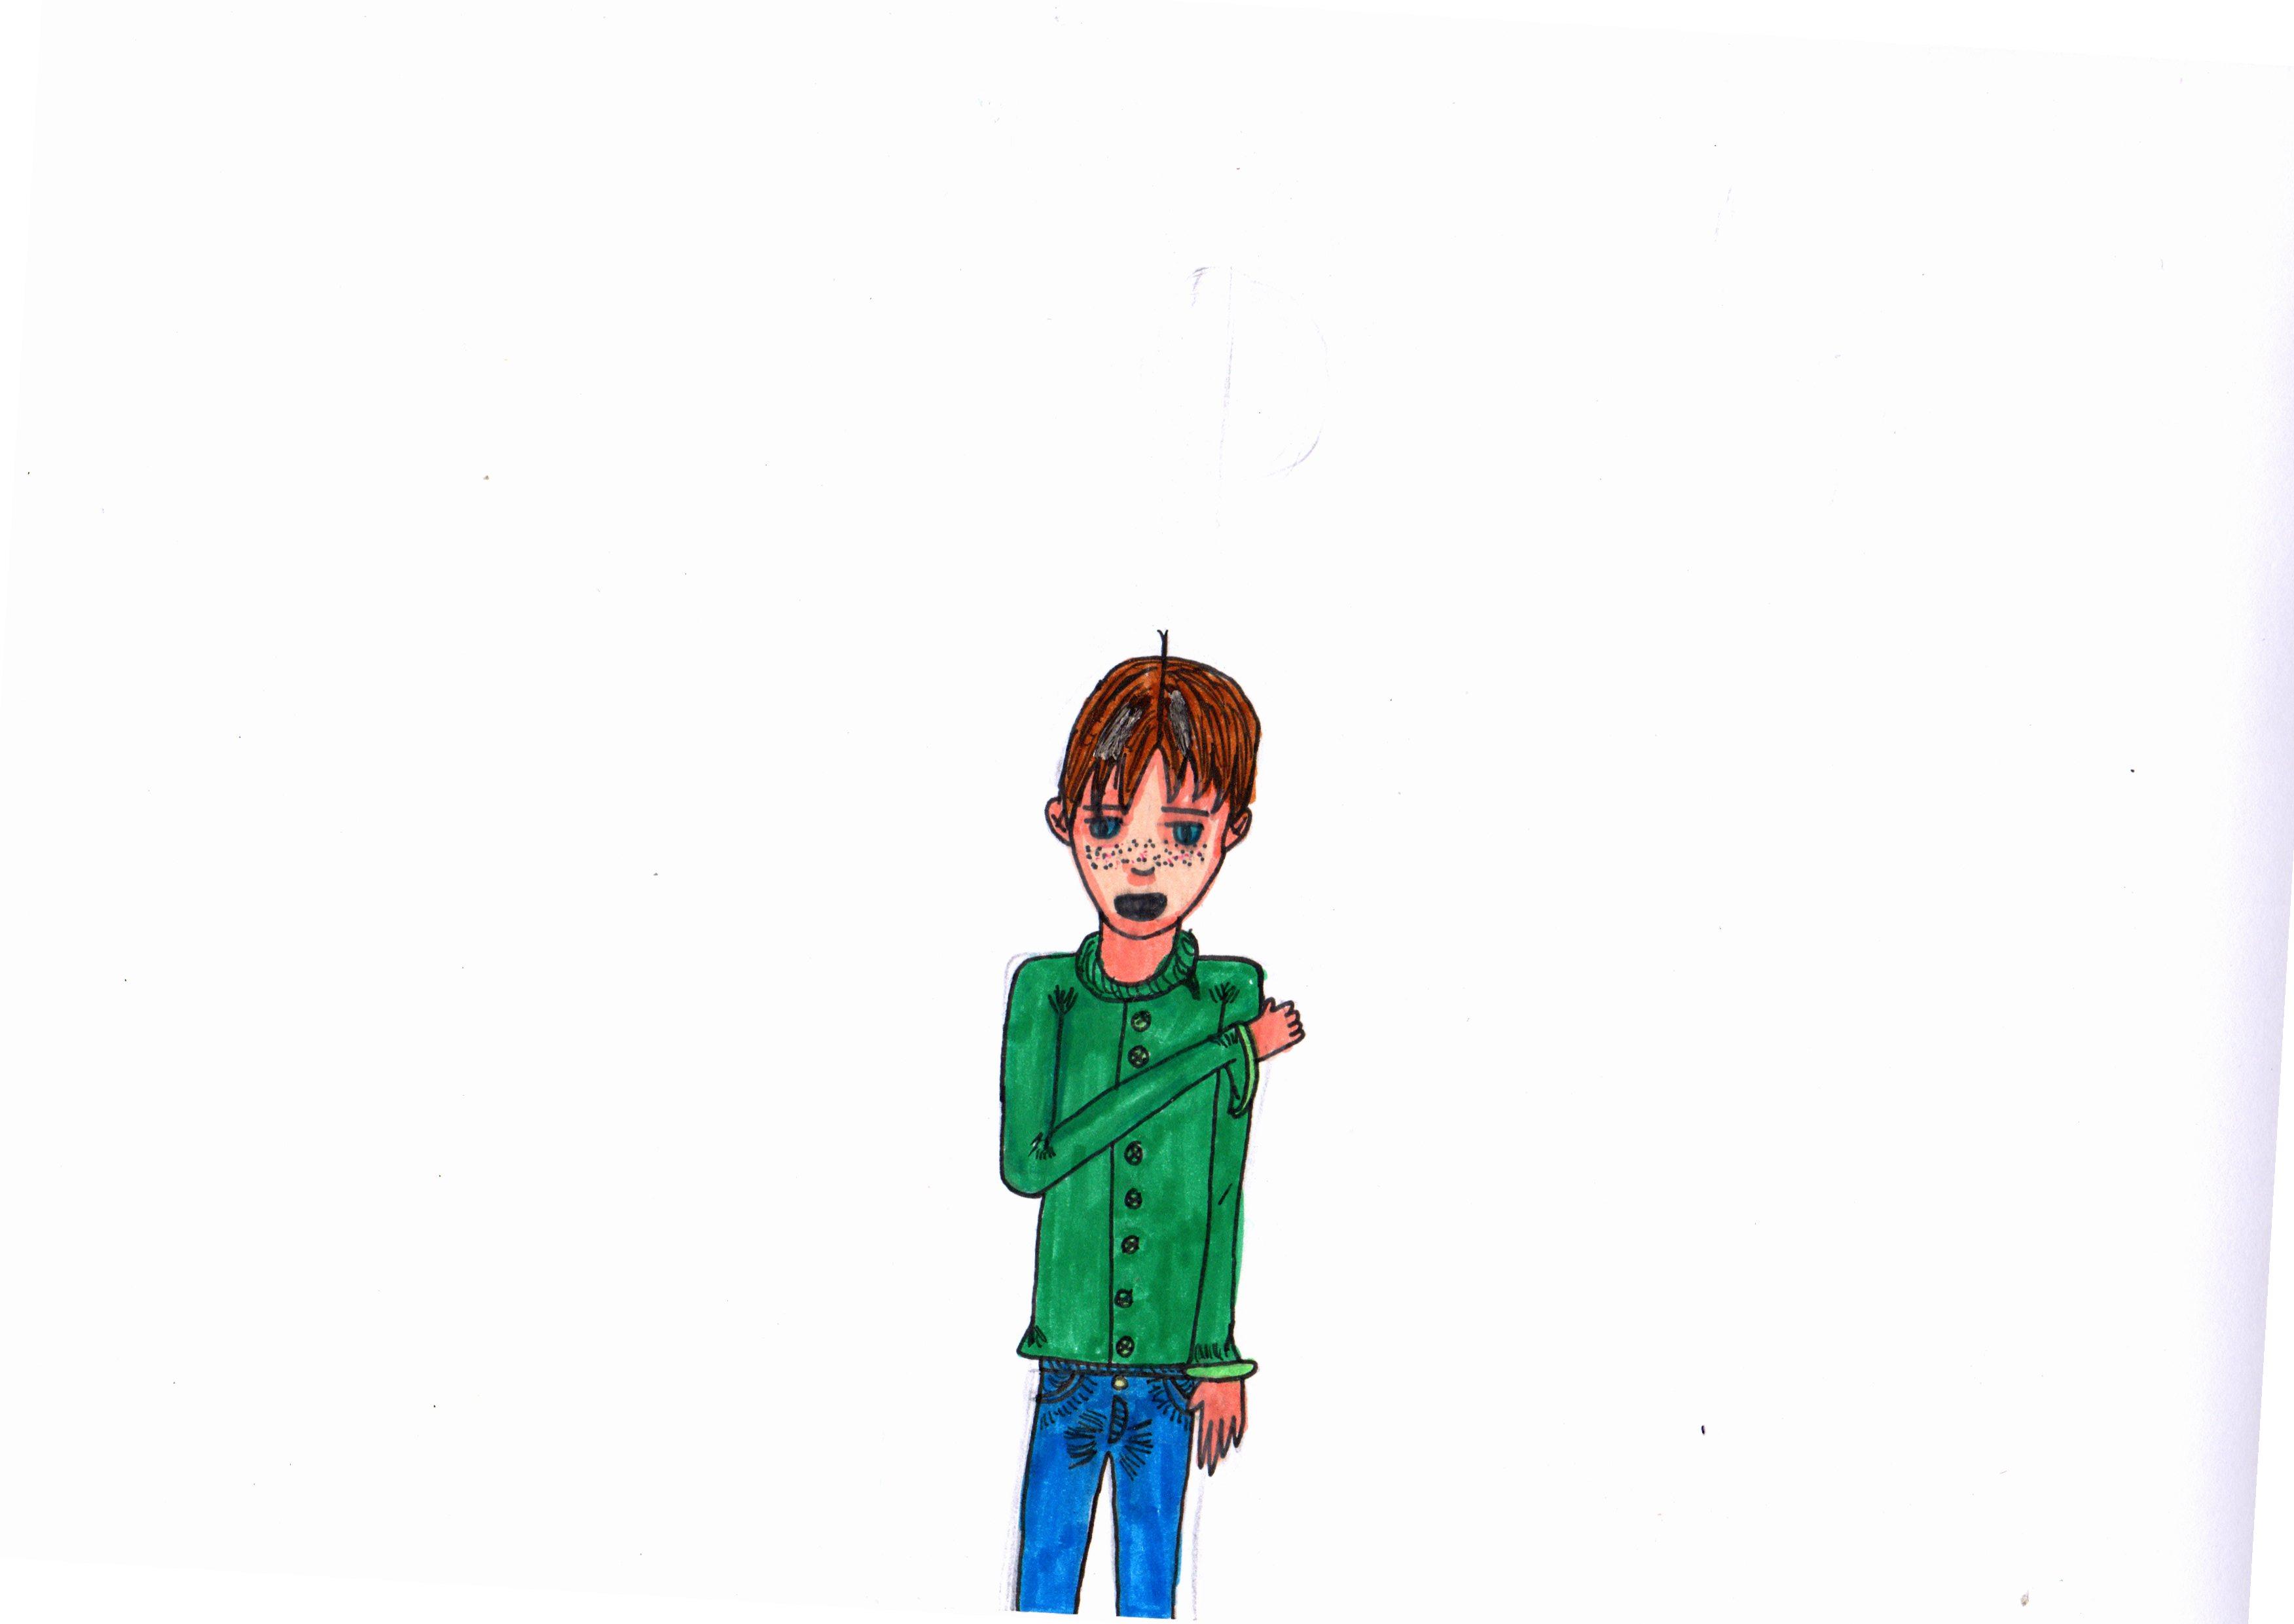 dessin_0011